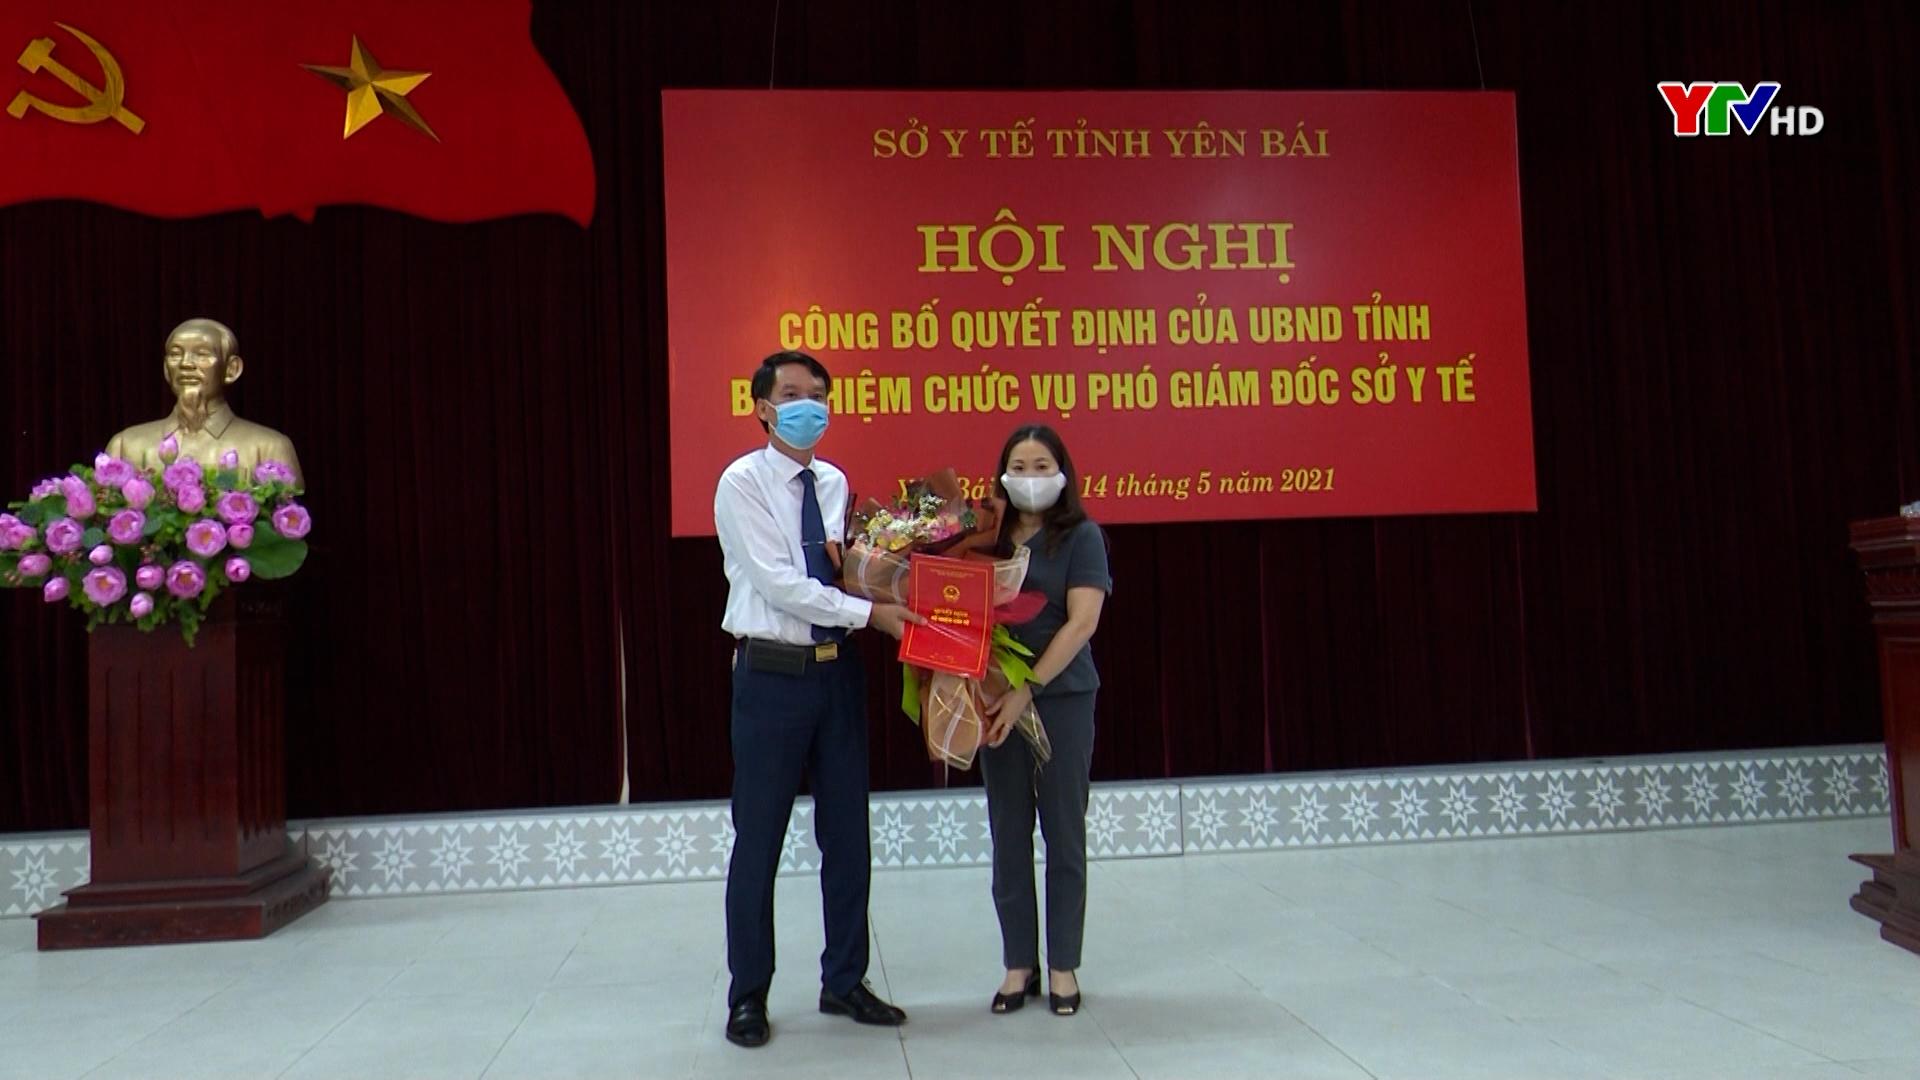 Thạc sỹ, bác sỹ Nguyễn Văn Hà - Giám đốc Trung tâm Kiểm soát bệnh tật tỉnh giữ chức Phó Giám đốc Sở Y tế tỉnh Yên Bái